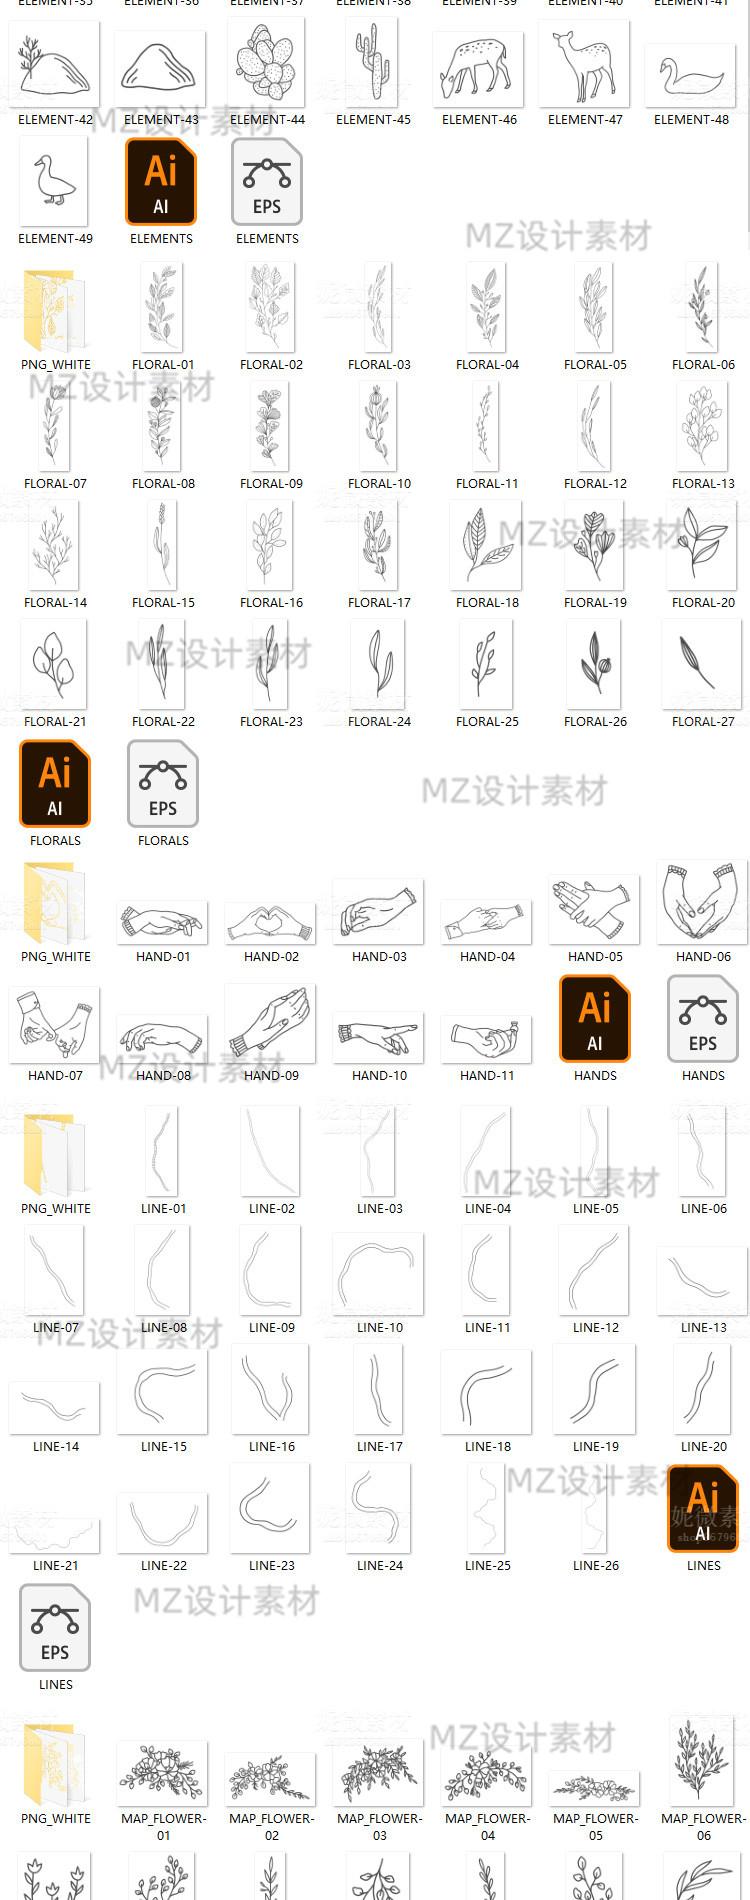 手绘线稿ins风植物动物建筑物花环婚礼地图矢量插画PNG图ps素材 素材包-第5张